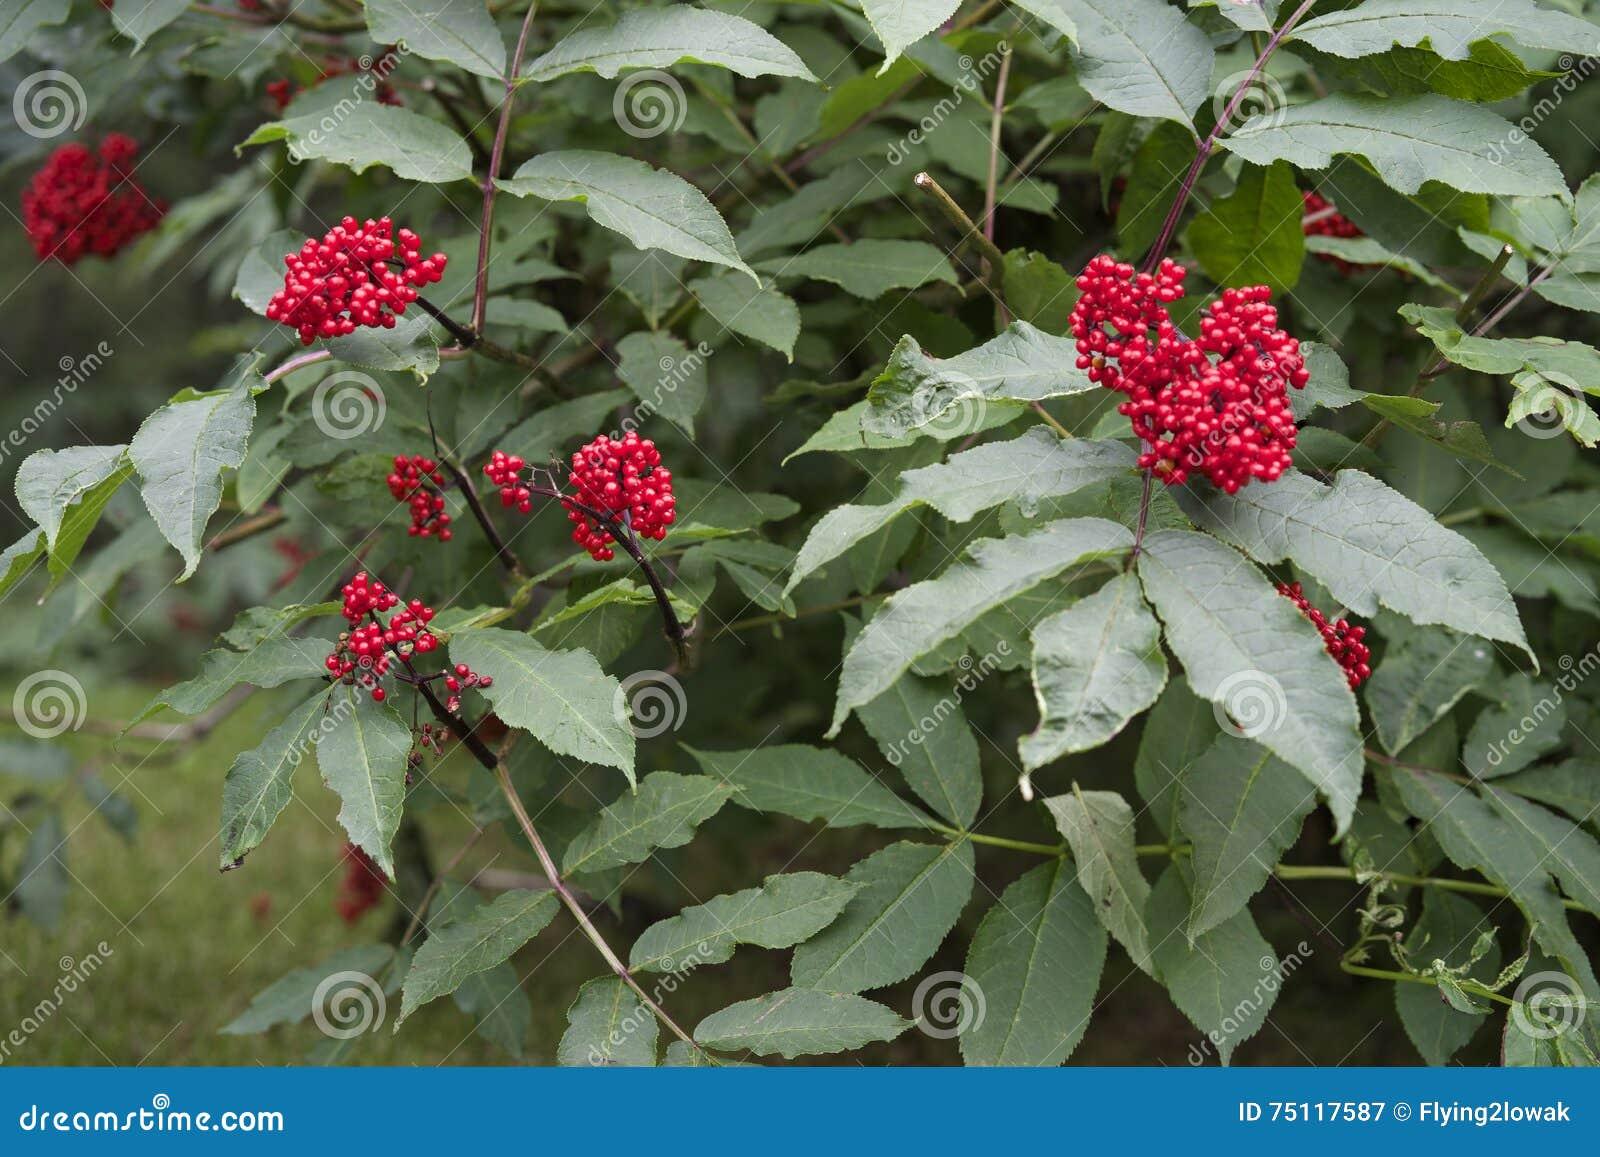 Alaska berg Ash Berries